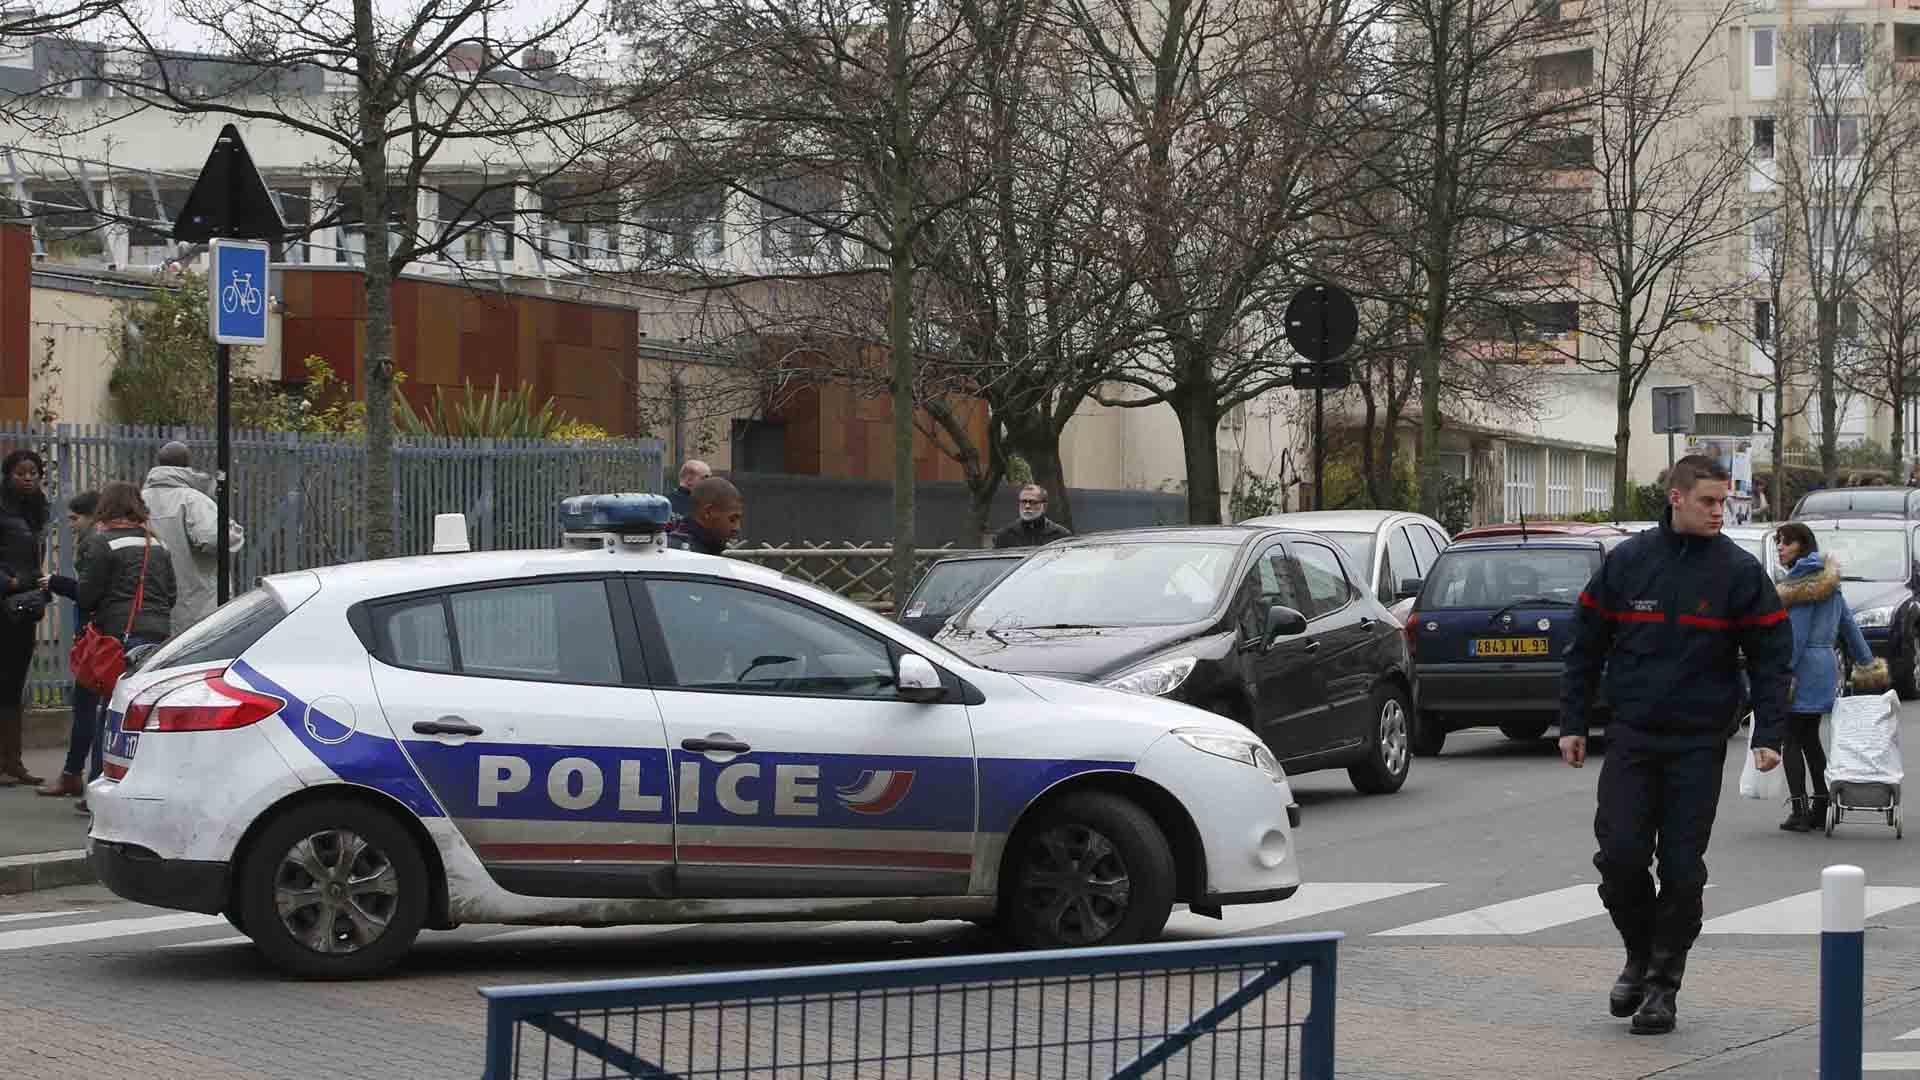 El atacante invocó a la organización terrorista Estado Islámico mientras atacaba a la víctima